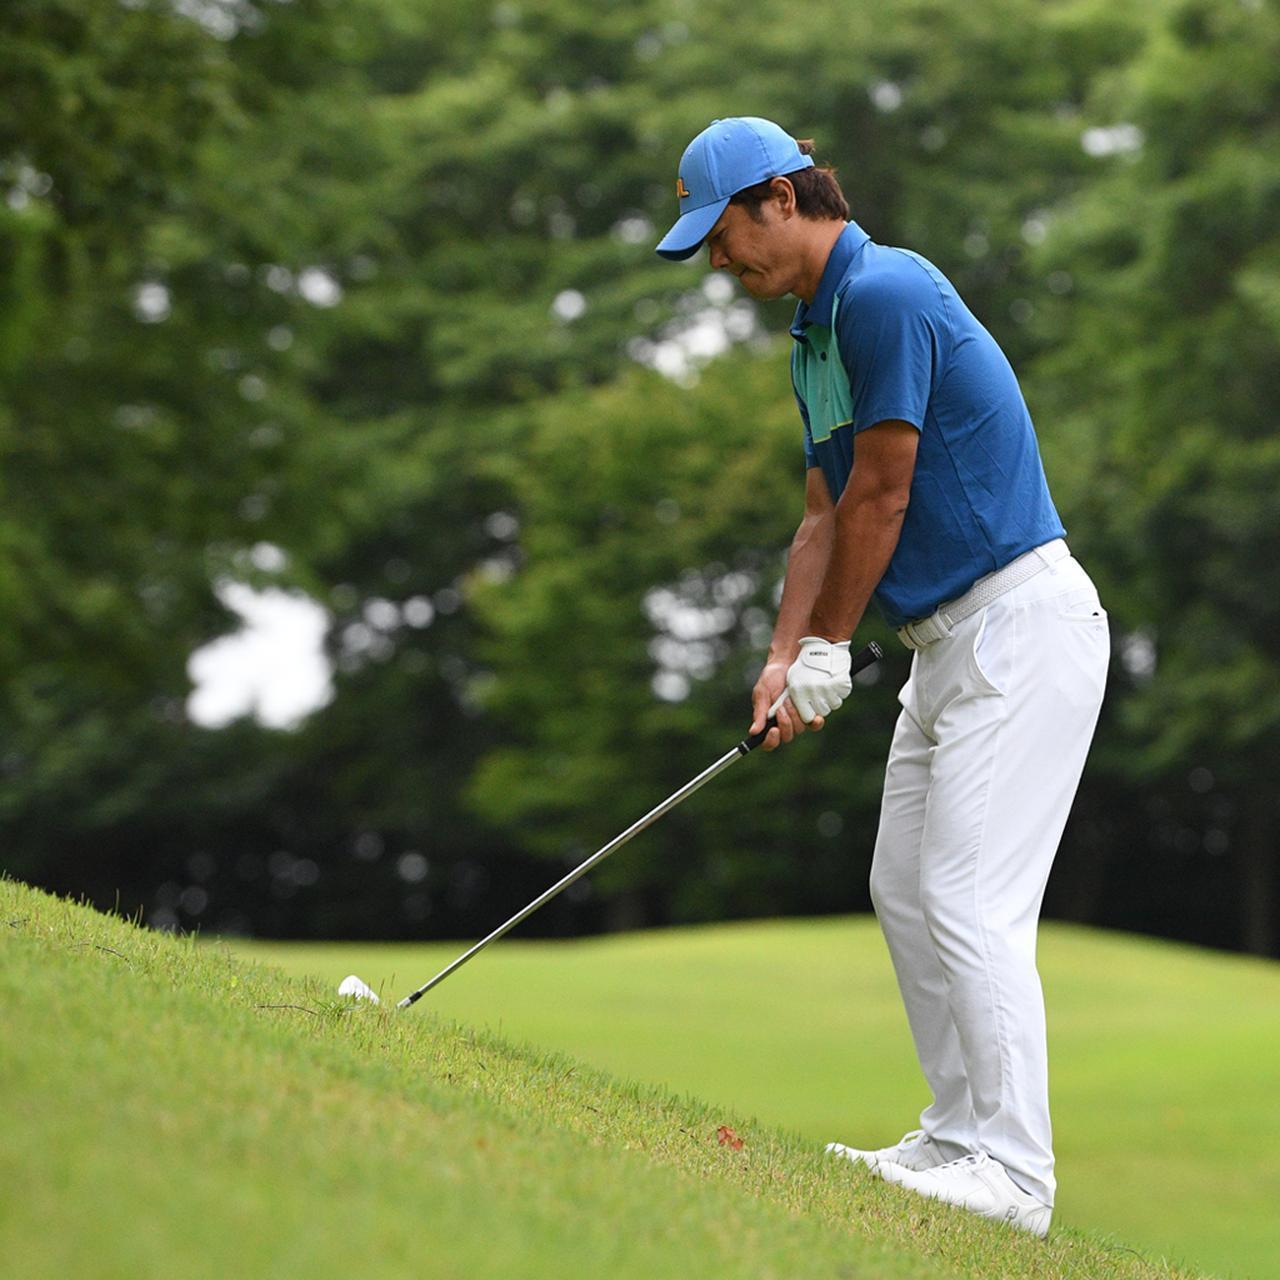 画像5: 【傾斜地アイアン】夏ゴルフ、つま先上がりの斜面ラフに止まった…。さあ、どう打つ?(前編)